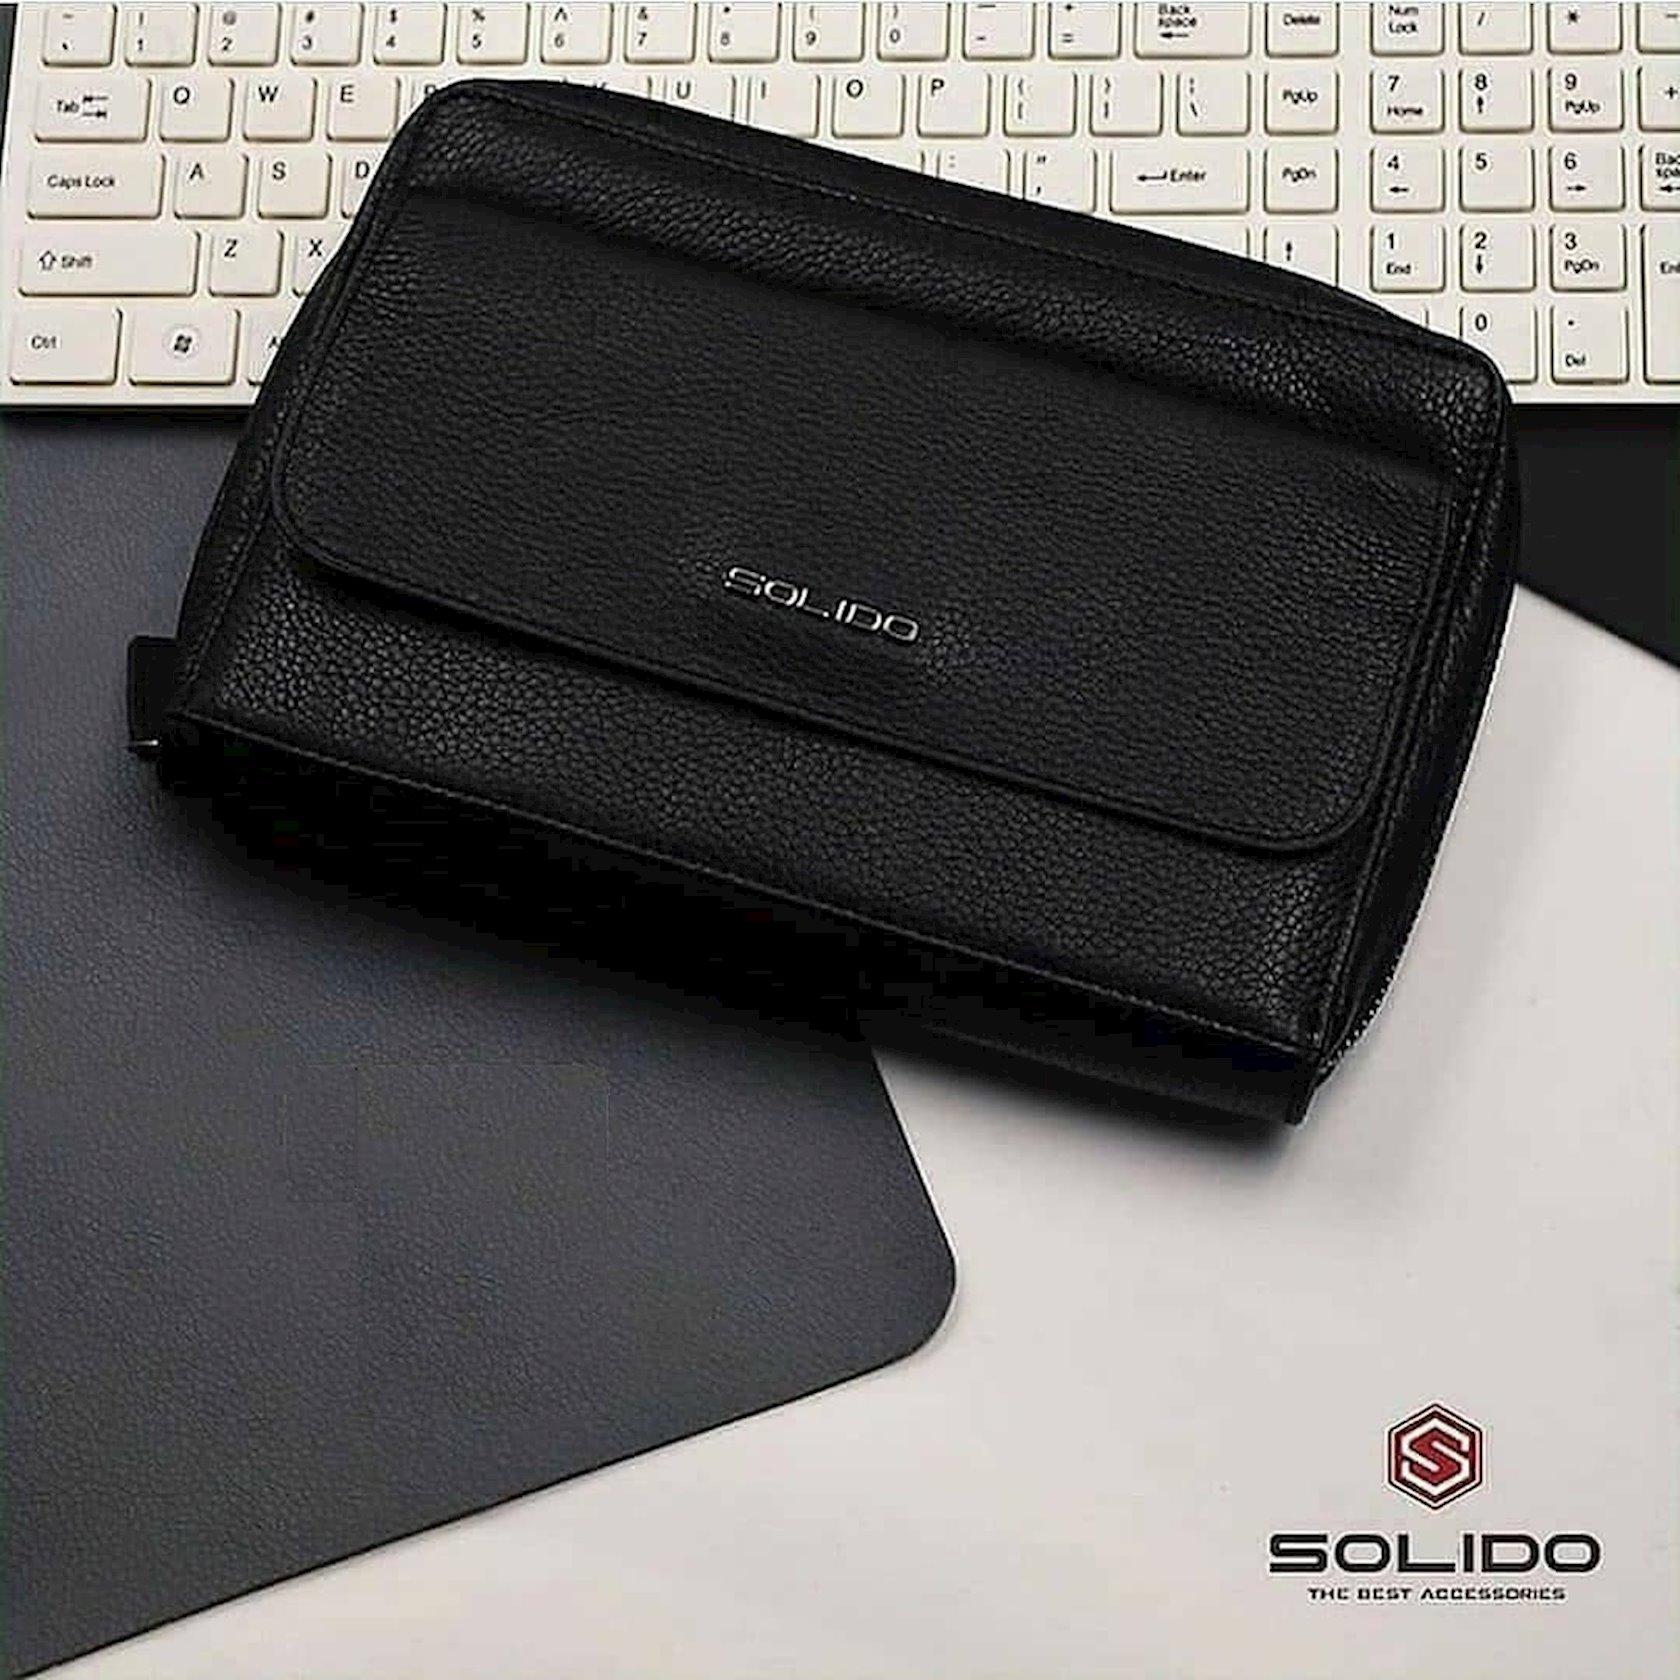 Dəri borsetkası Solido YD6012BK, qara